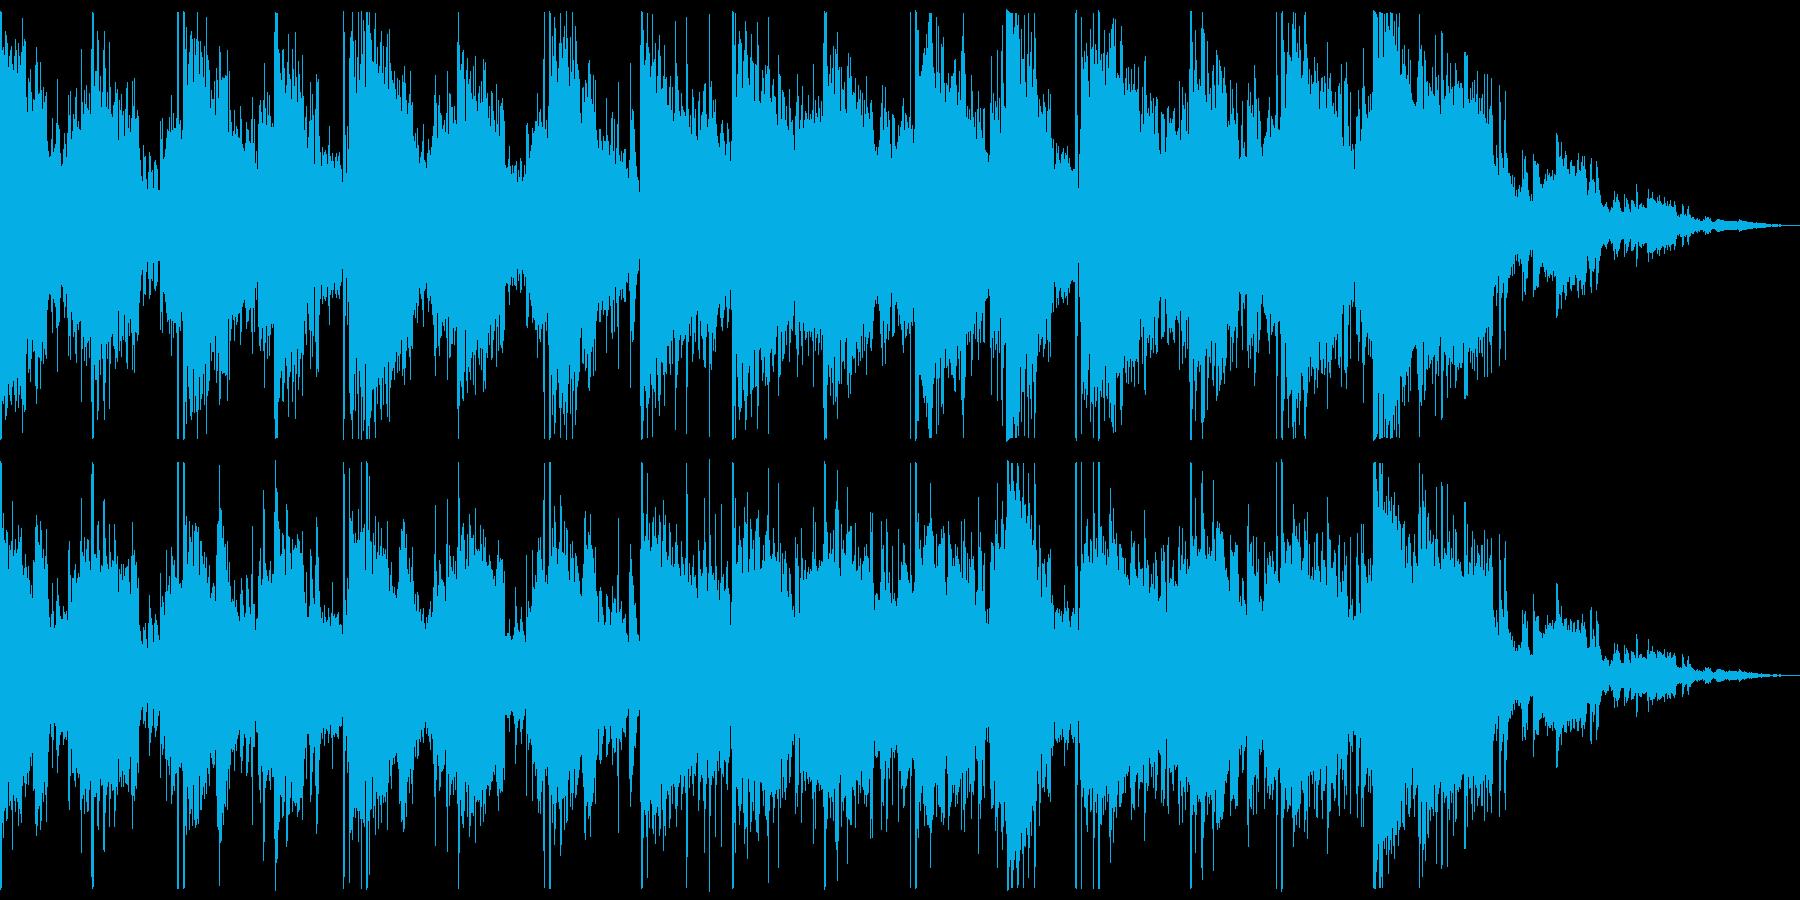 推理や探偵を連想させる曲の再生済みの波形